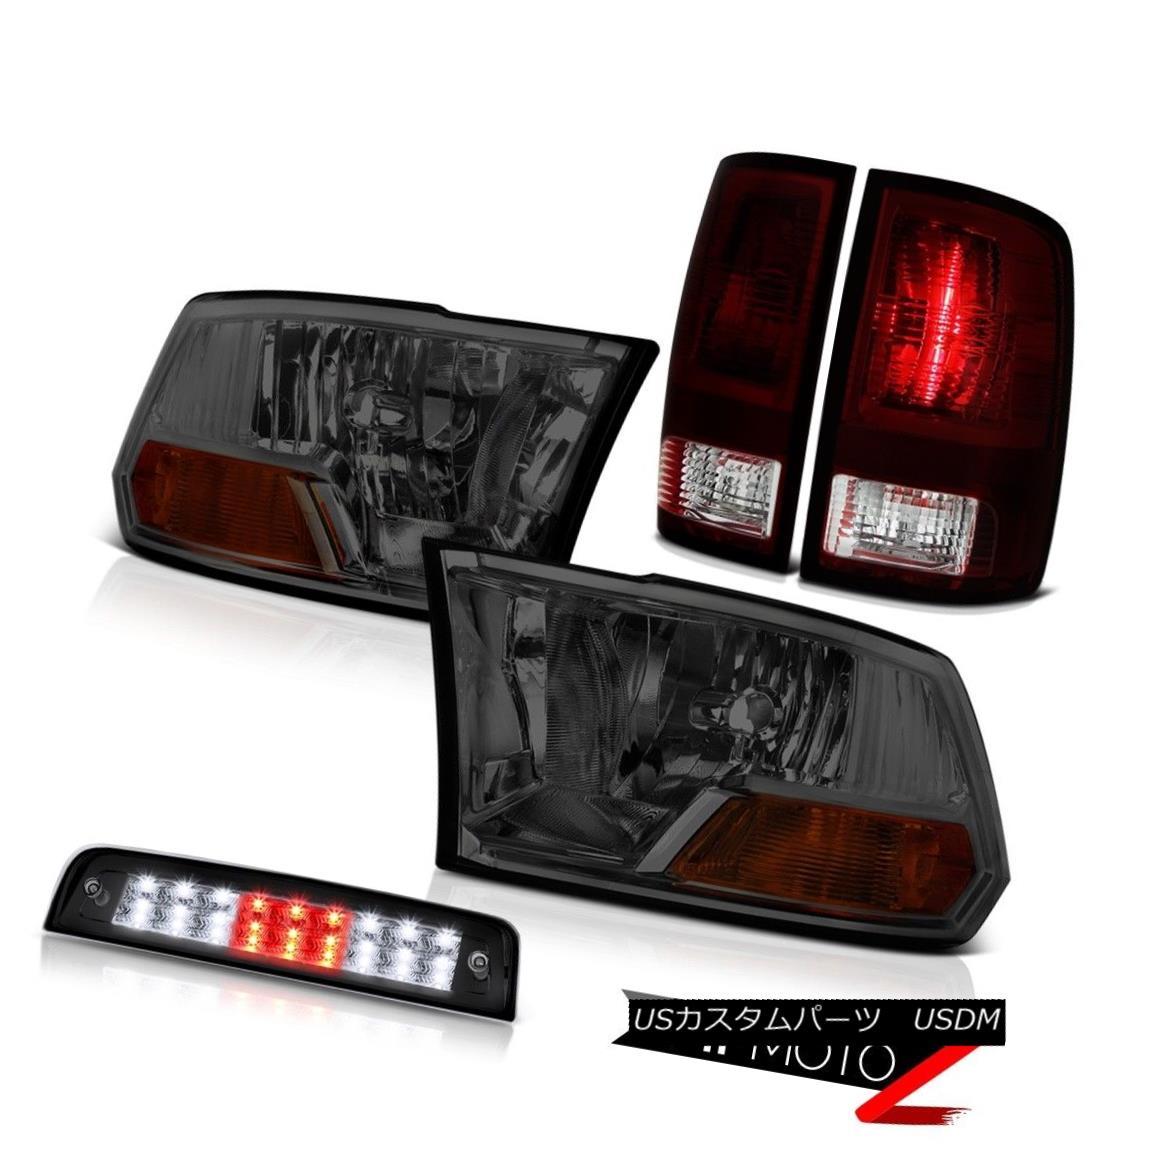 テールライト 09-18 Ram 1500 2500 3500 Big Horn 3RD Brake Lamp Smokey Red Rear Lamps Headlamps 09-18ラム1500 2500 3500ビッグホーン3RDブレーキランプスモーキーレッドリアランプヘッドランプ